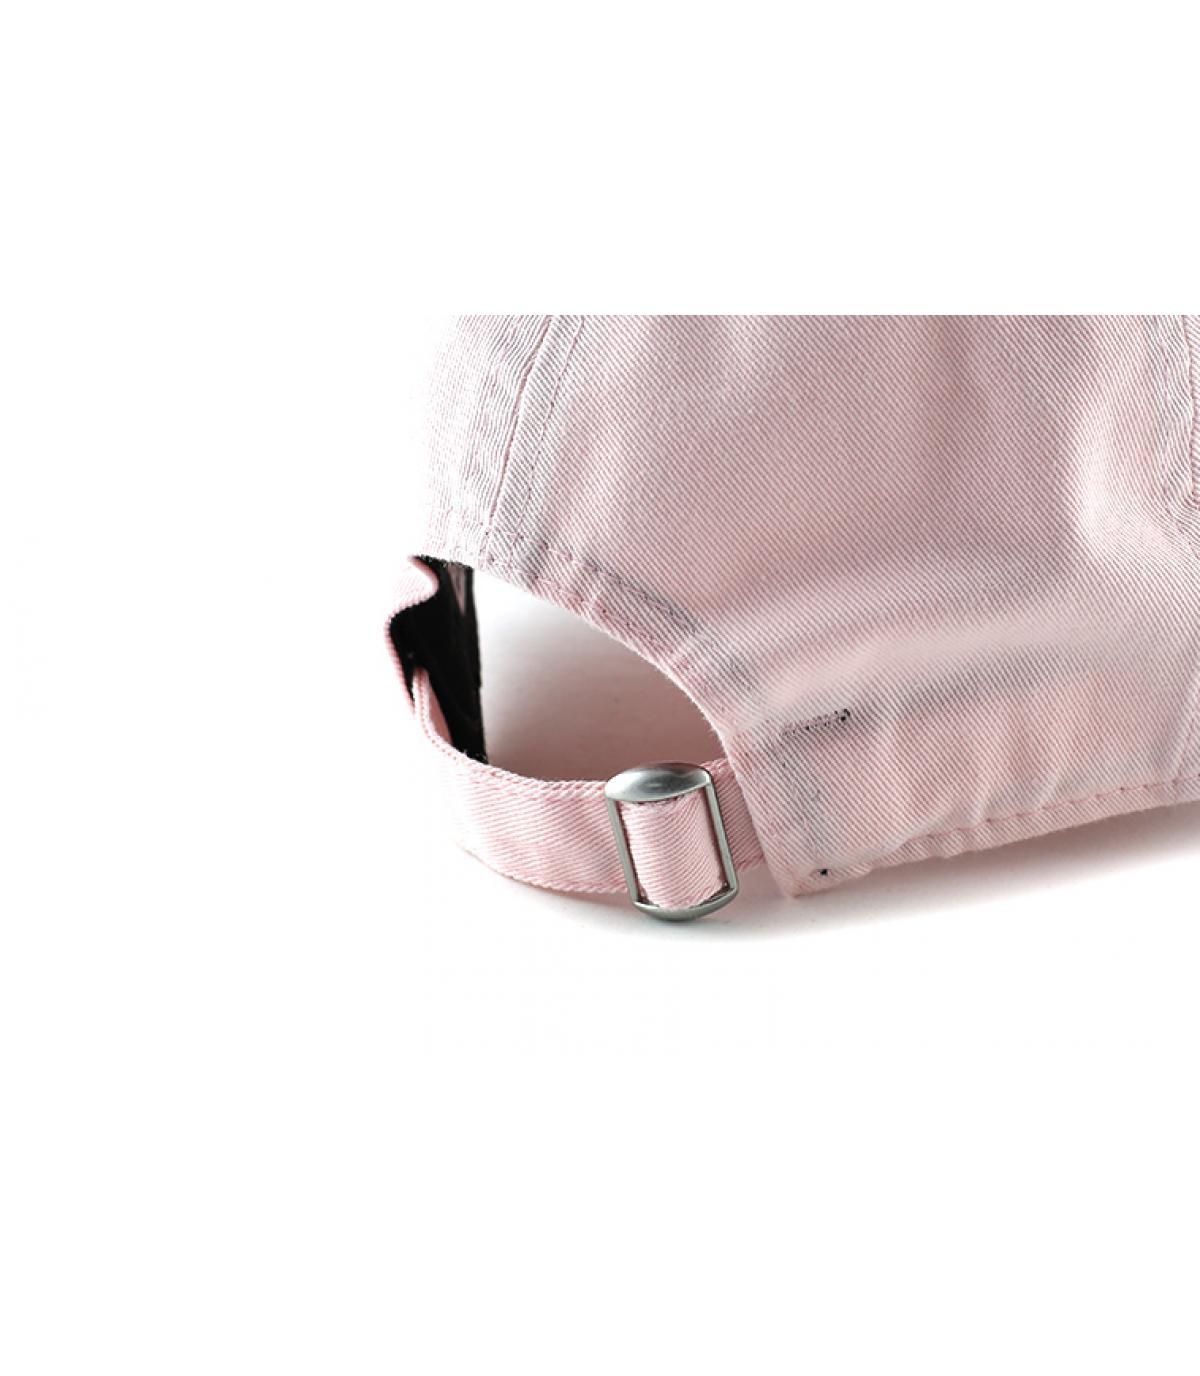 Détails Cap NY Sunbleach Unstructured pink - image 5